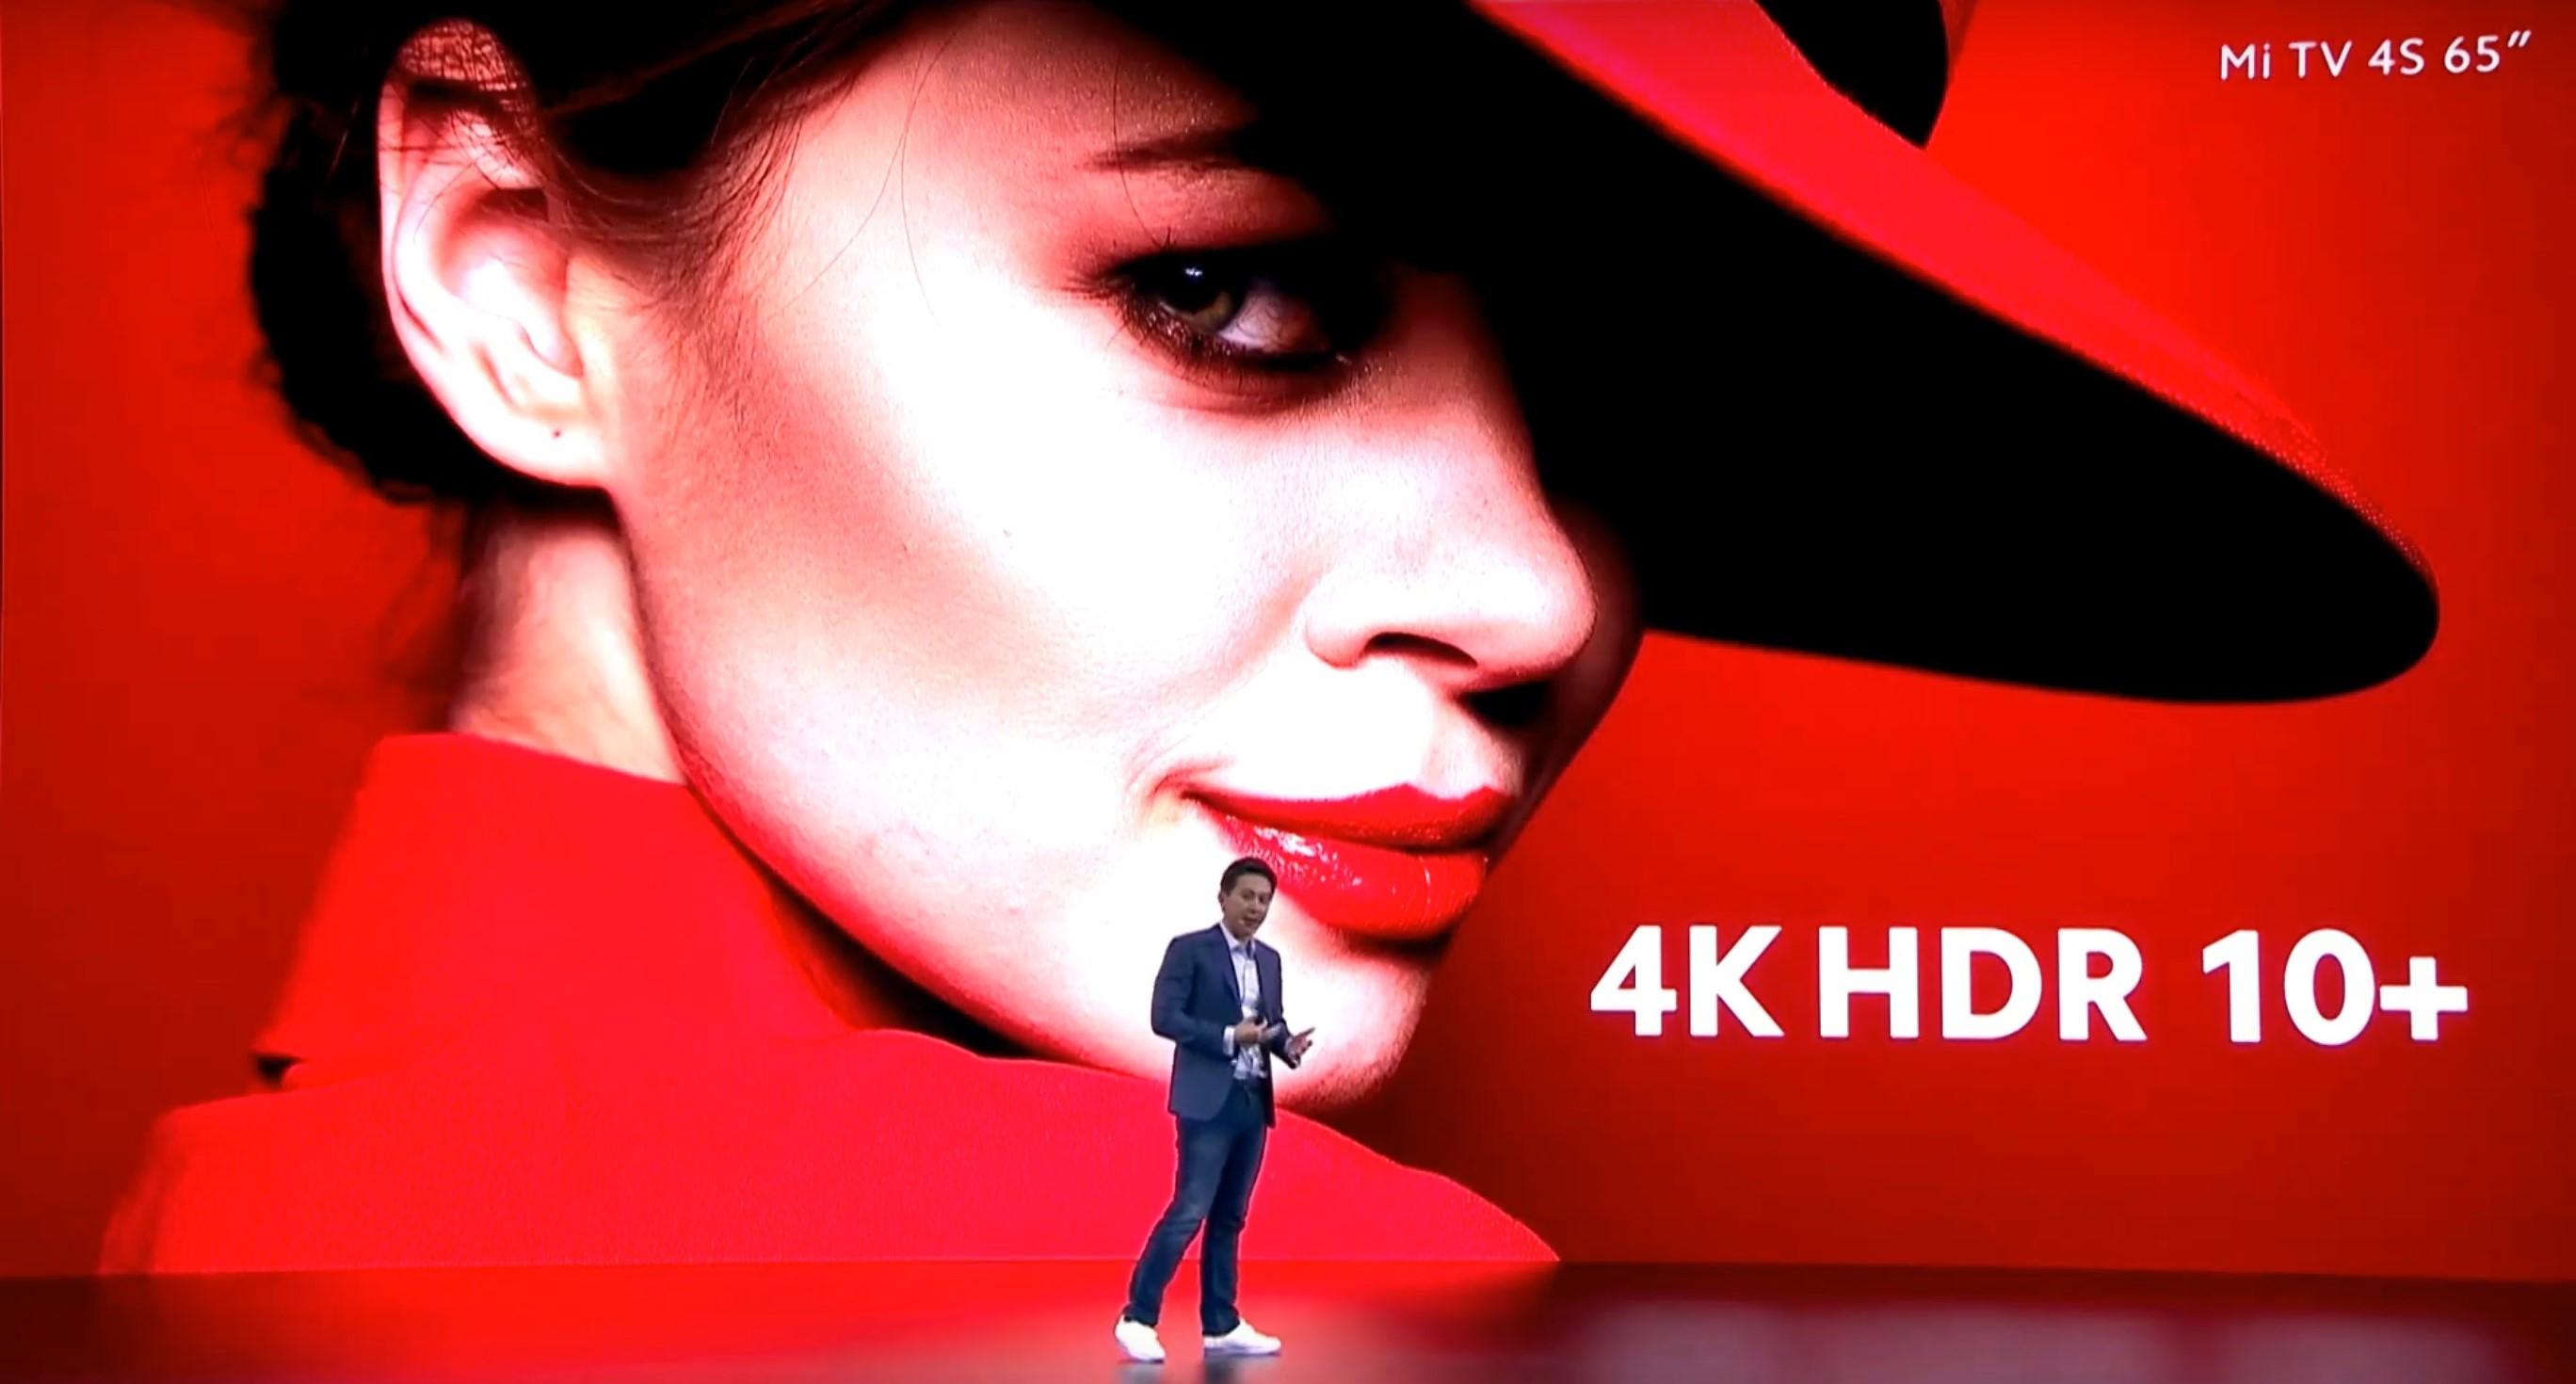 """Nowy, wielki ekran i oczyszczacz powietrza wprost od Xiaomi - Mi TV 4S 65"""" i Mi Air Purifer 3H 23"""